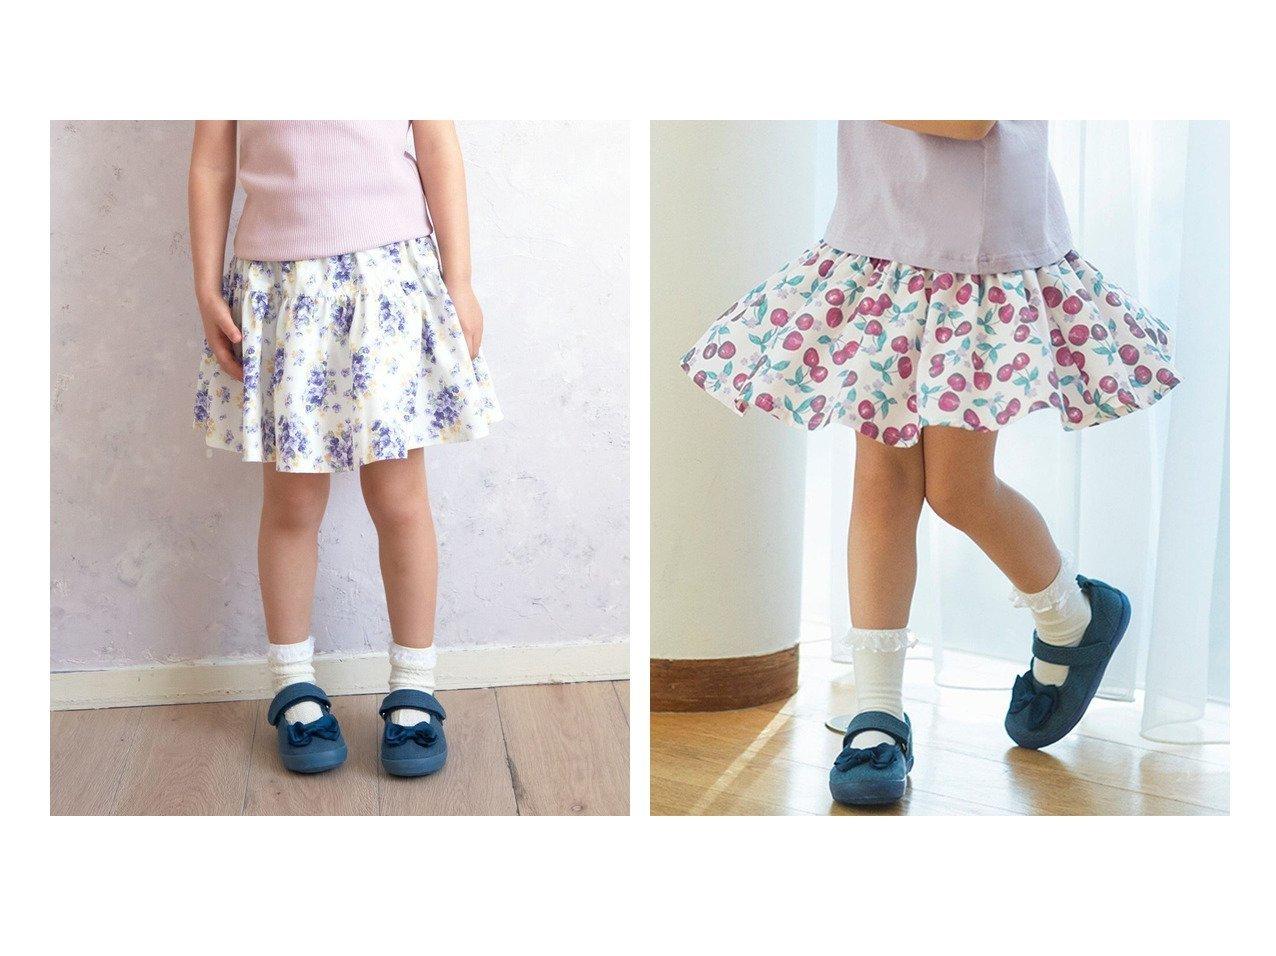 【anyFAM / KIDS/エニファム】の花柄/フルーツ柄 総柄スカパン 【KIDS】子供服のおすすめ!人気トレンド・キッズファッションの通販  おすすめで人気の流行・トレンド、ファッションの通販商品 メンズファッション・キッズファッション・インテリア・家具・レディースファッション・服の通販 founy(ファニー) https://founy.com/ ファッション Fashion キッズファッション KIDS ボトムス Bottoms/Kids チェリー 人気 リボン 送料無料 Free Shipping |ID:crp329100000034860